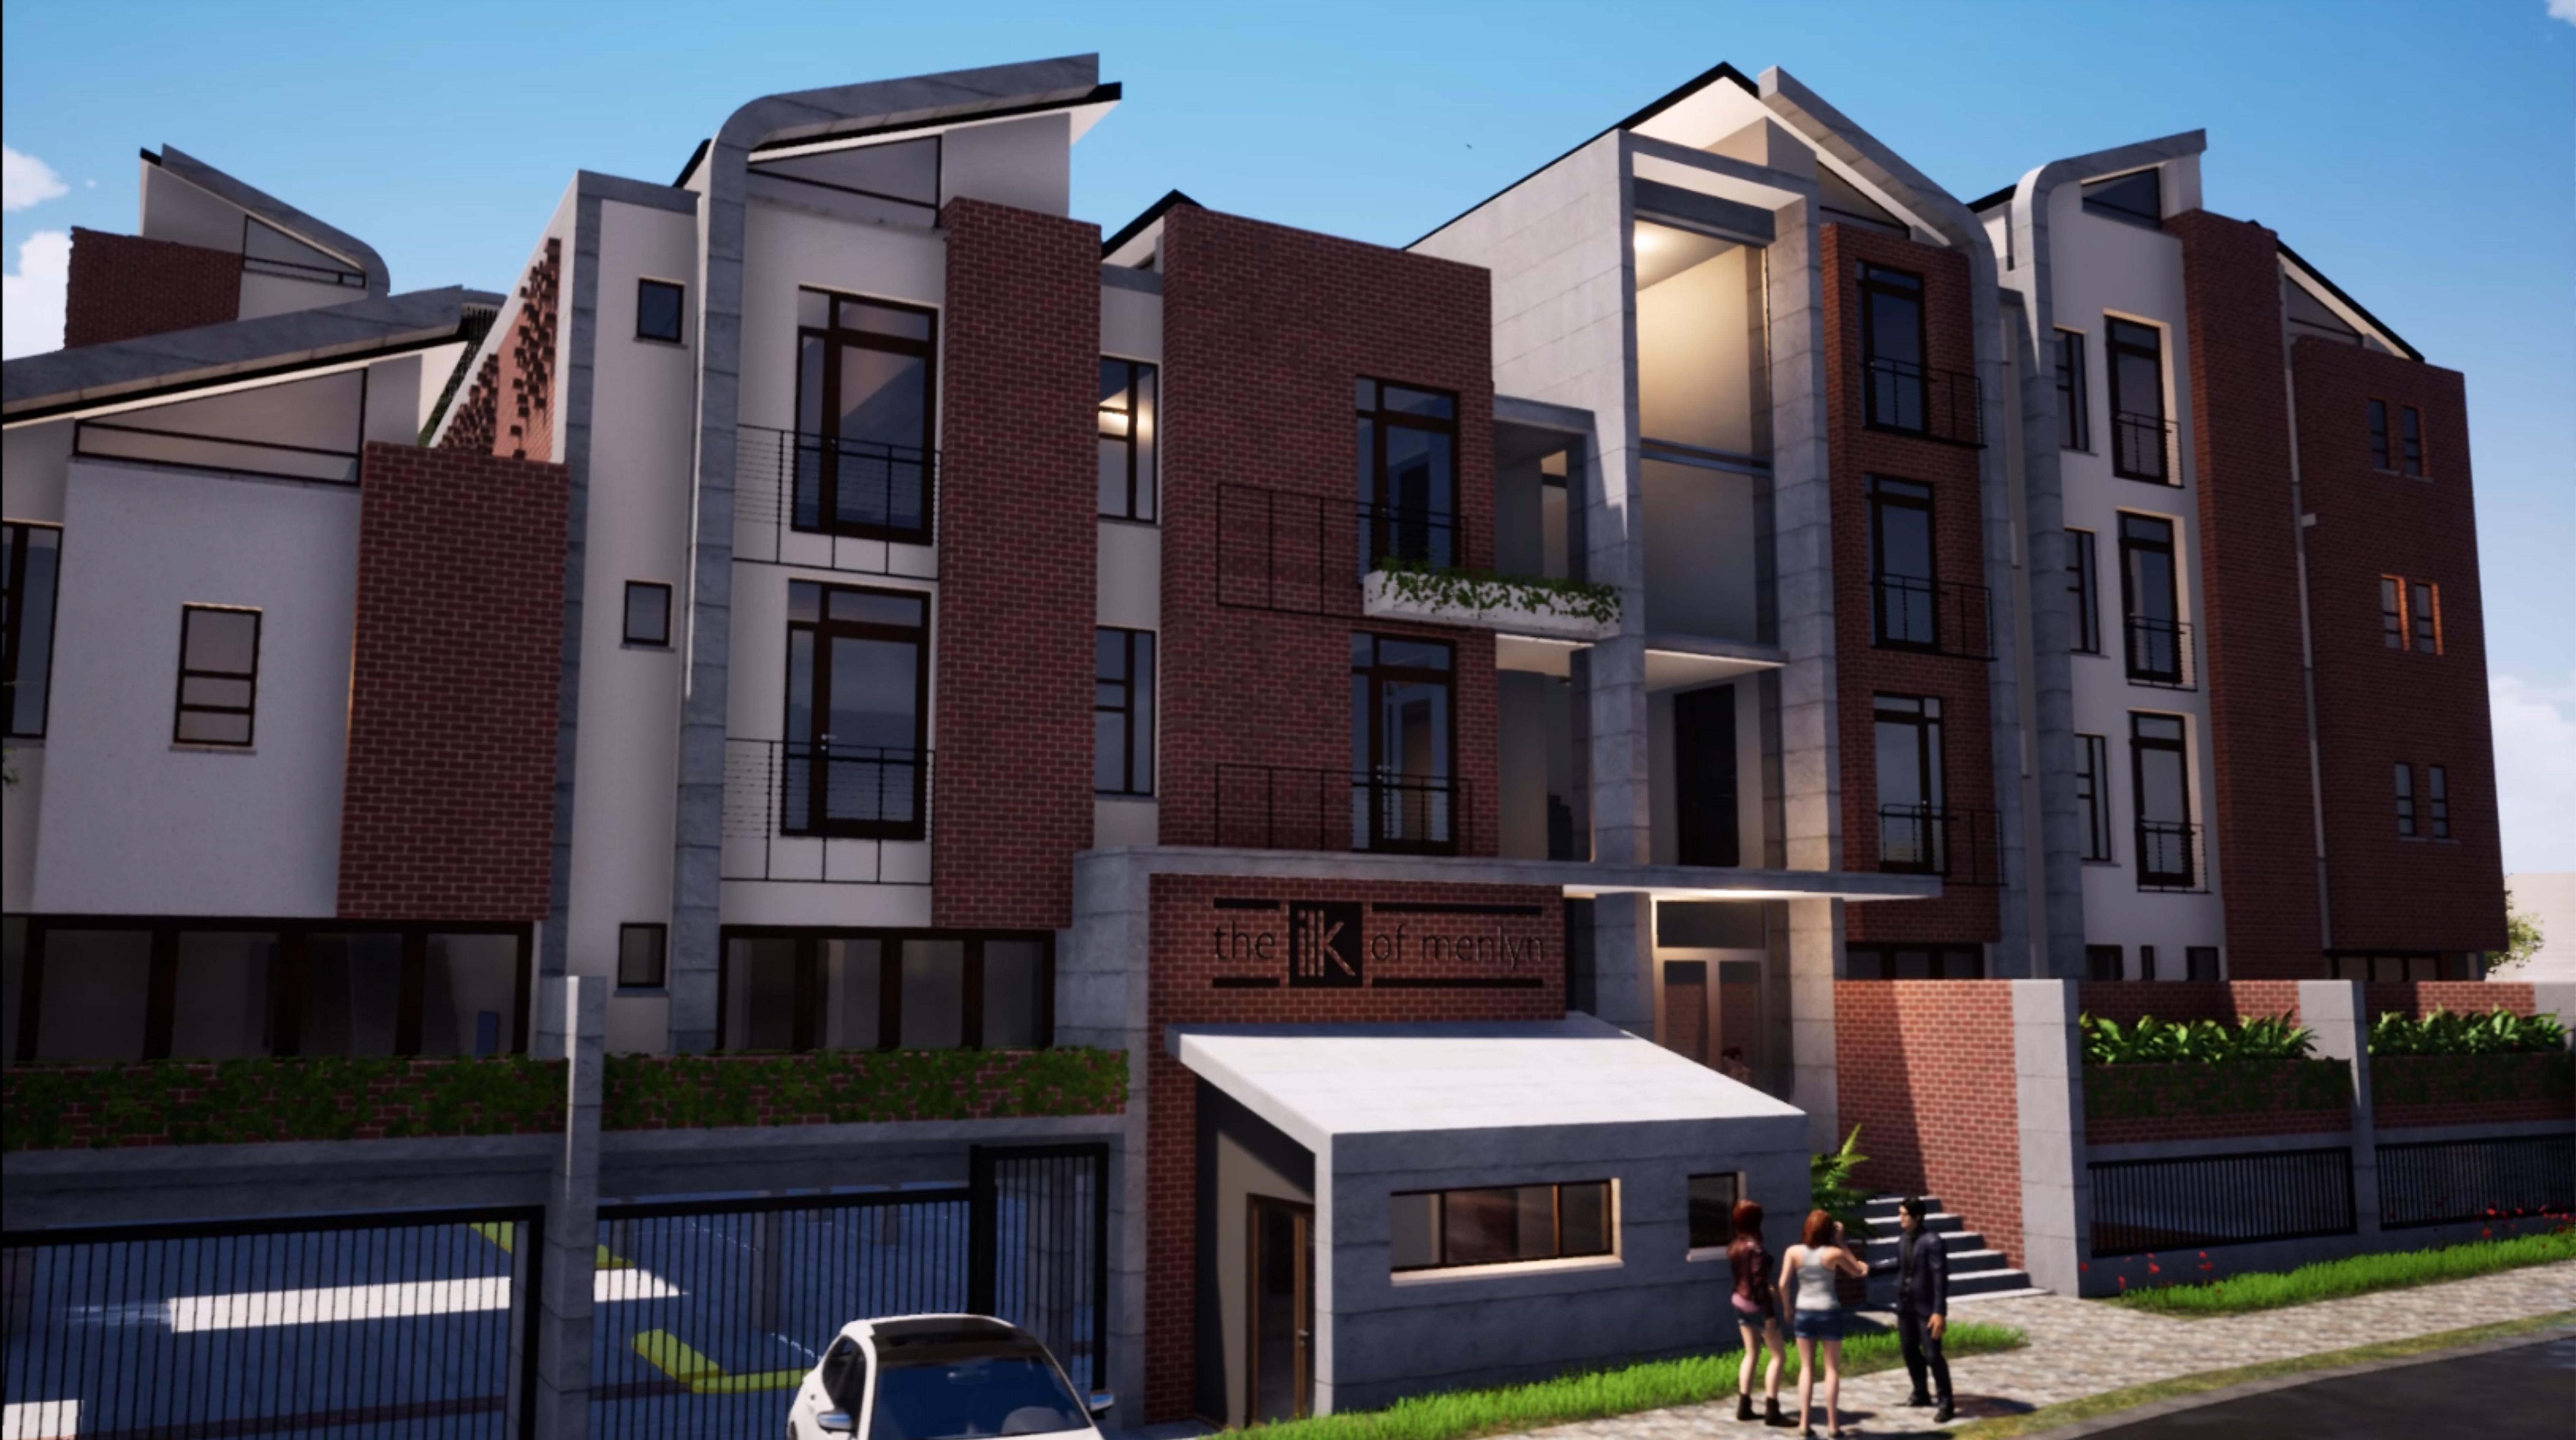 Ilk render apartment block design develo